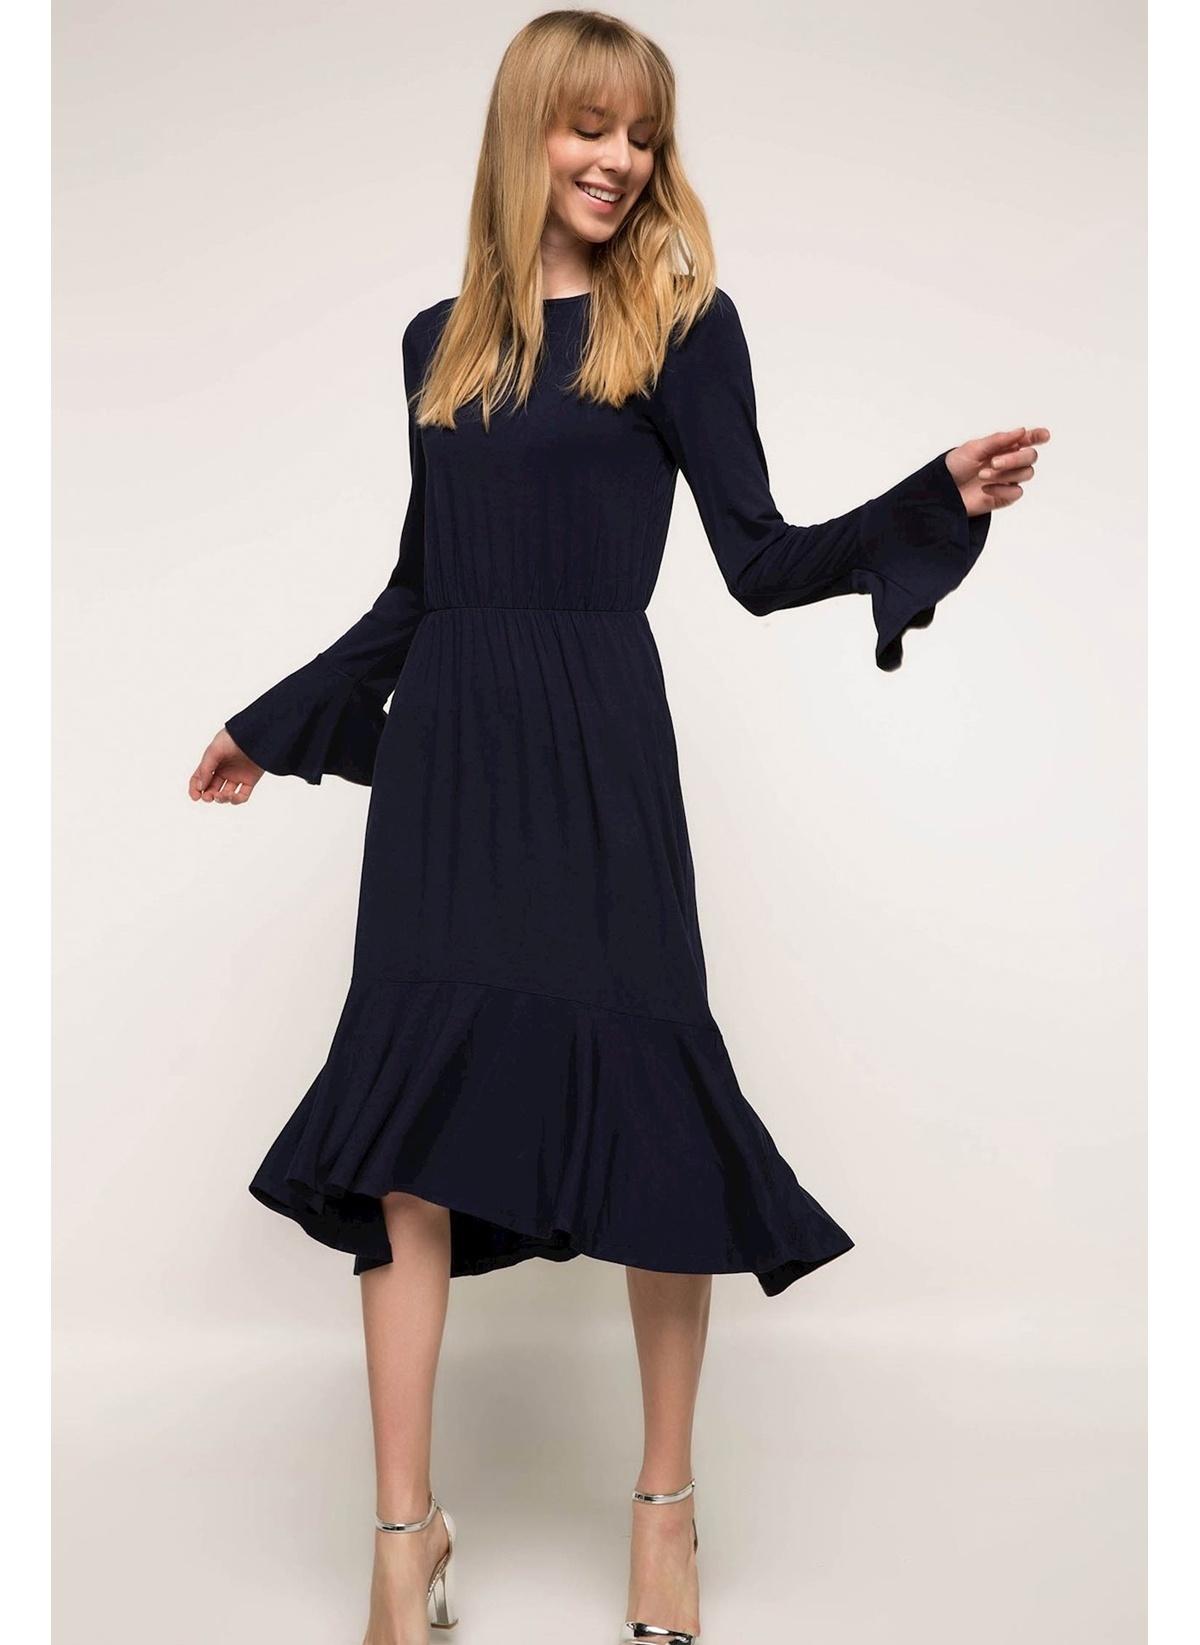 Defacto Kolları Ve Etek Ucu Volanlı Elbise I9652az18spnv167elbise – 49.99 TL